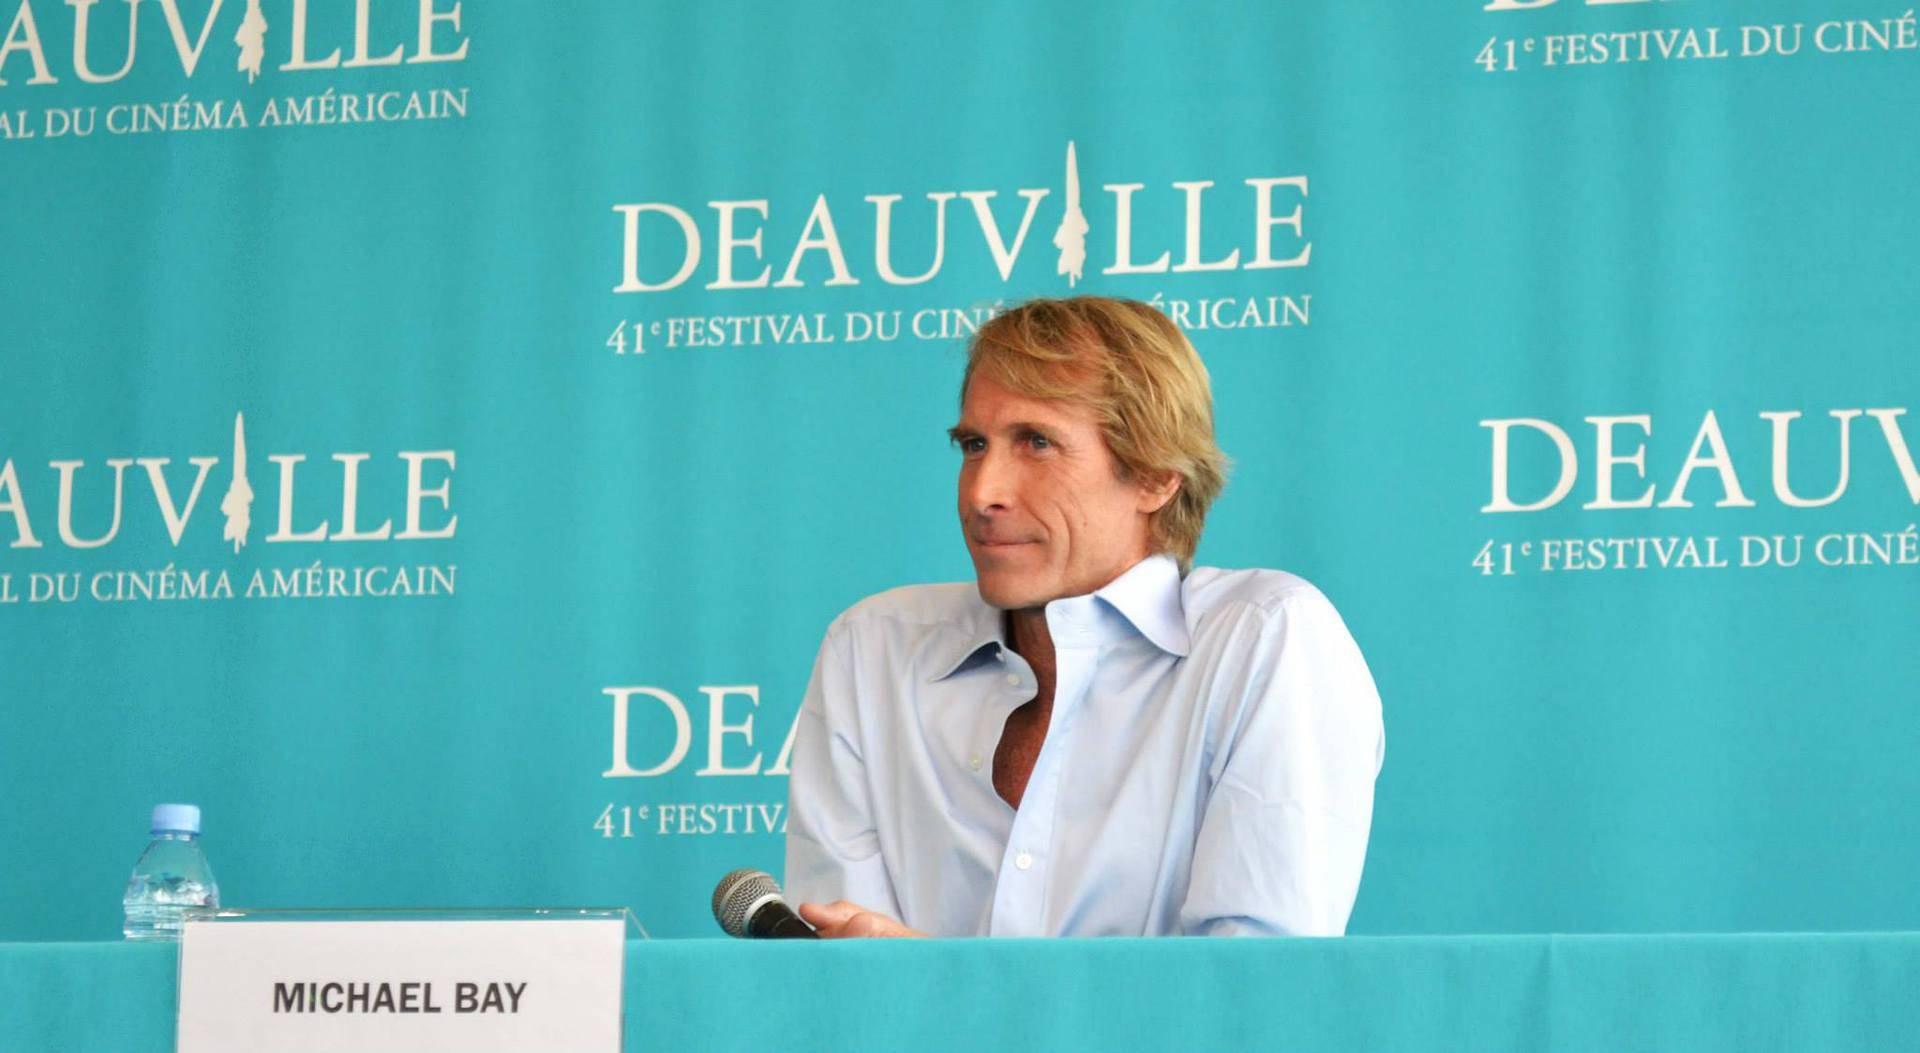 Deauville 2015 - Jour 8 - Michael Bay